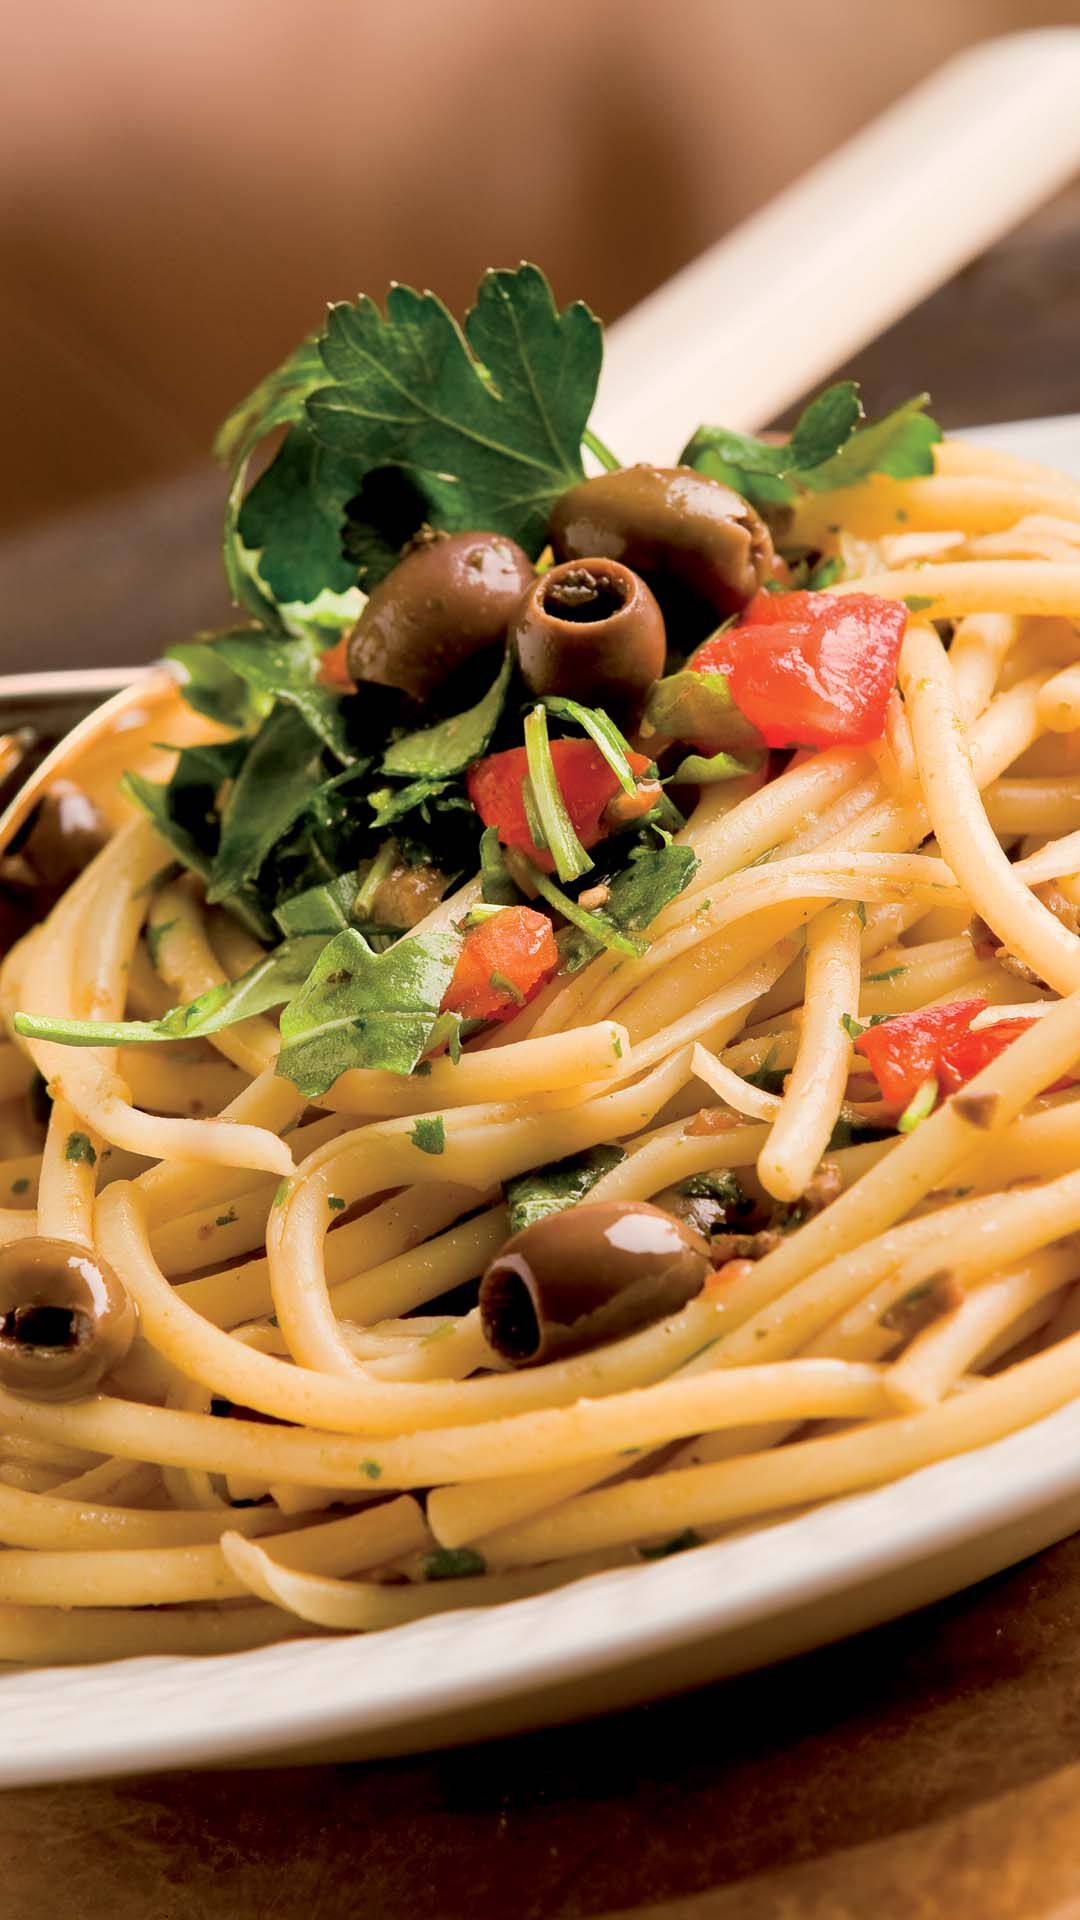 PAG12 - 12 Sacchetti Spaghetti G 500